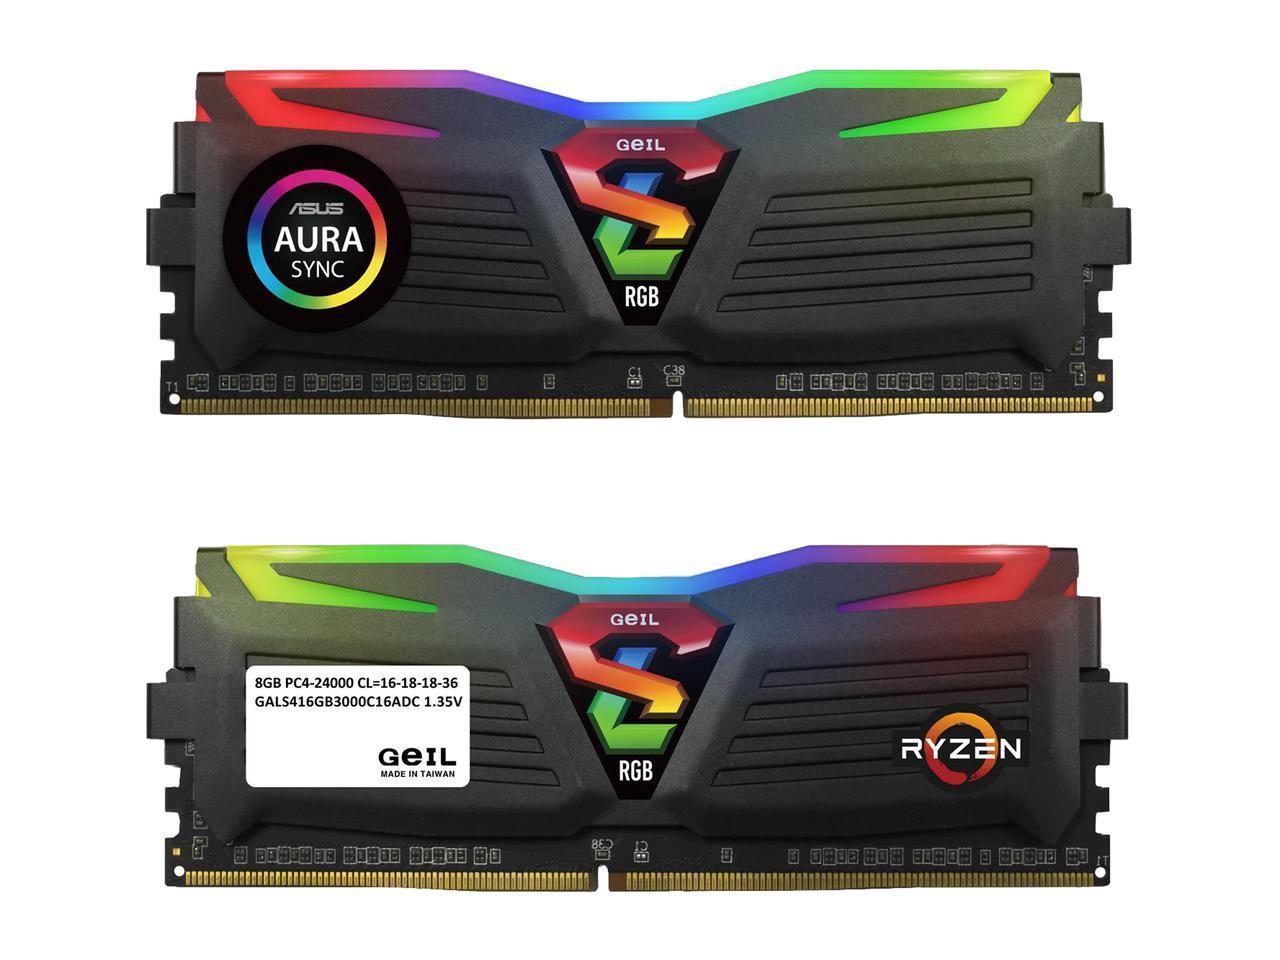 16GB (2x 8) GeIL SUPER LUCE RGB SYNC DDR4 3000  AMD Edition Desktop RAM Kit $78 @Newegg